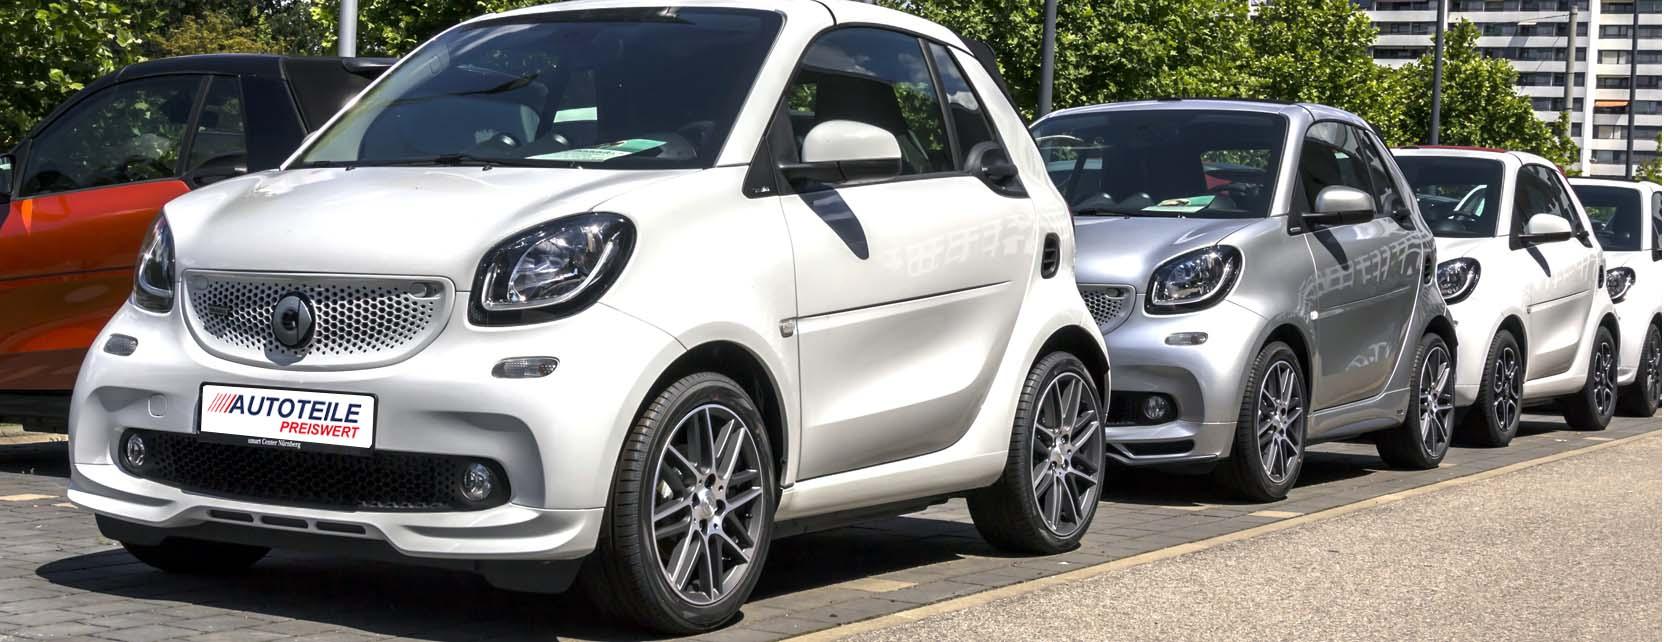 Smart Ersatzteile online kaufen bei Autoteile Preiswert